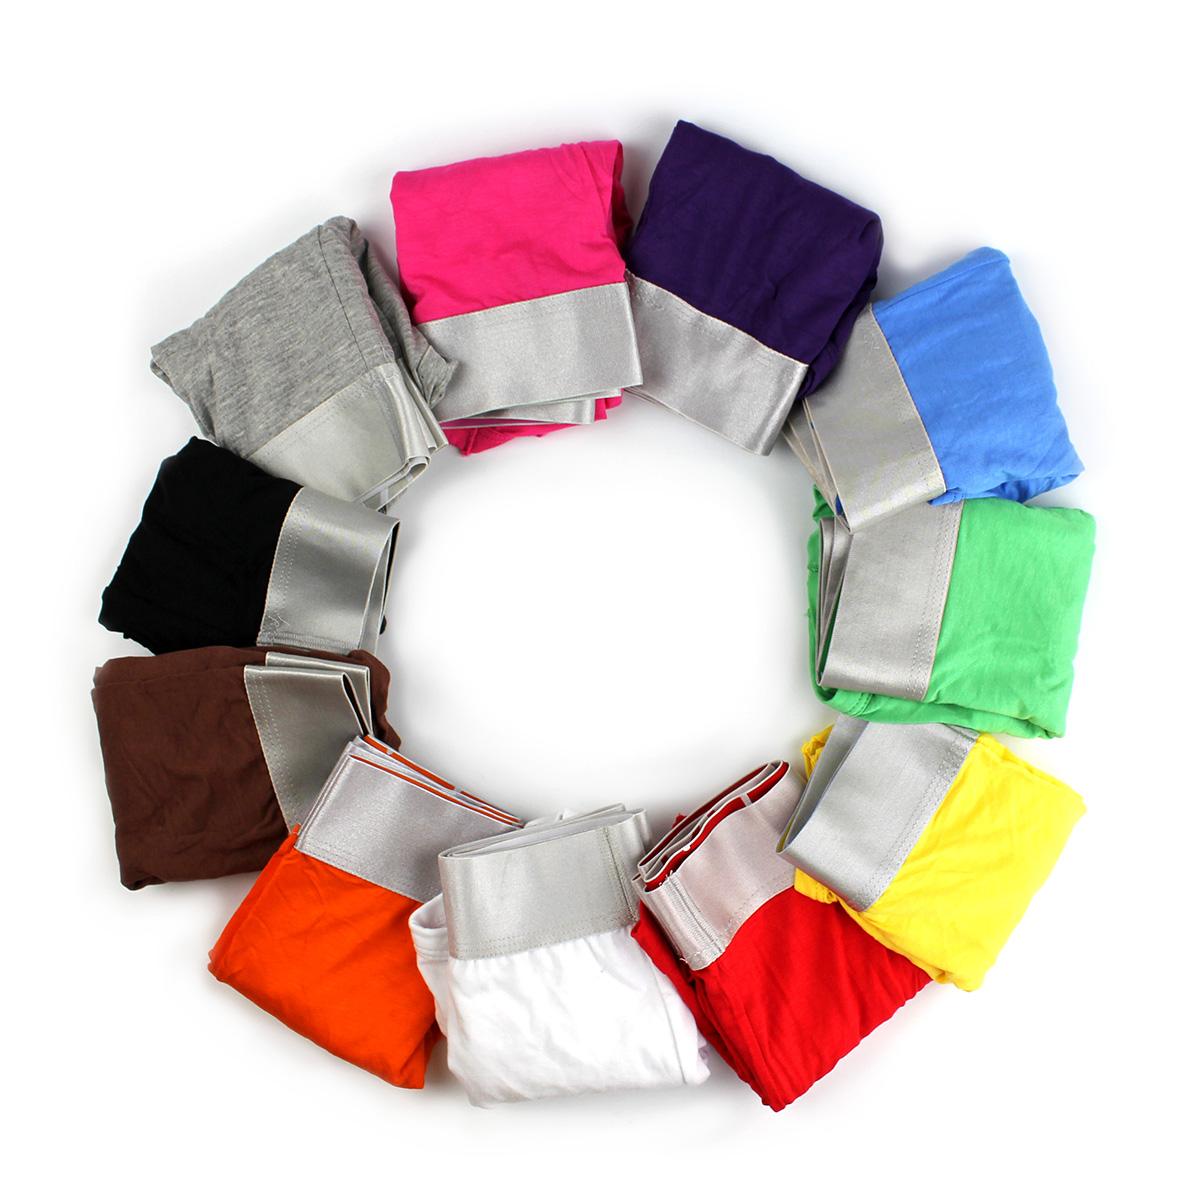 Best Quality Brand CX 11 Colors Men s Underwear Boxers Modal Coton Underwear Pants Man Underwear